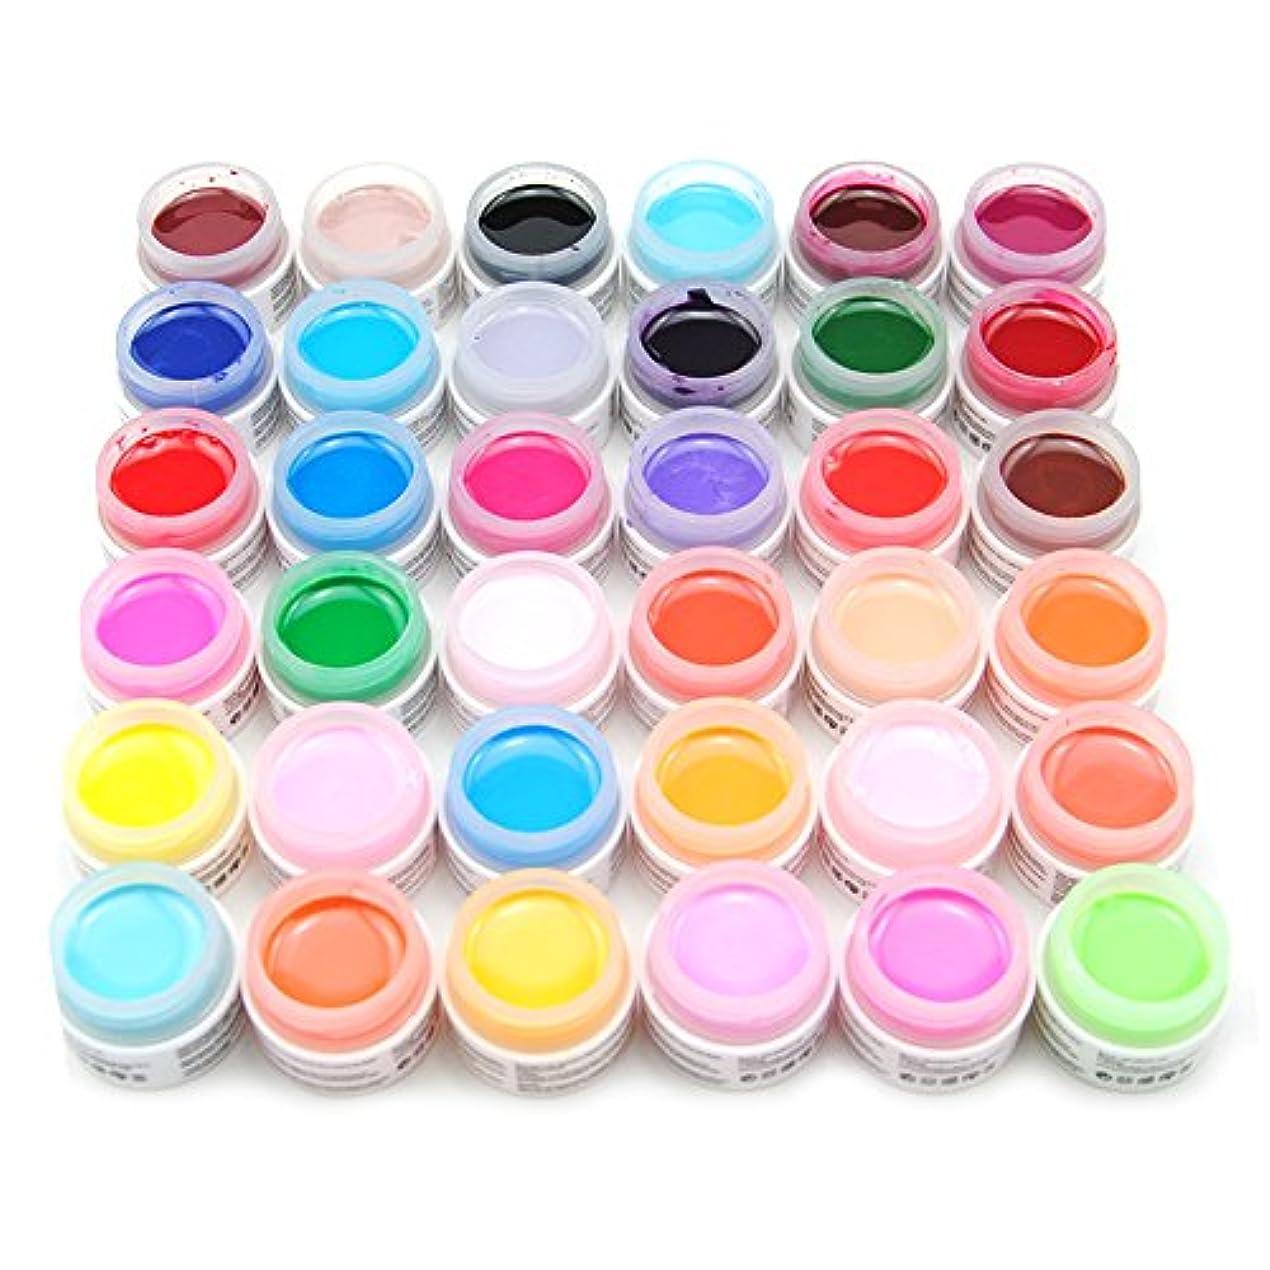 補充姉妹降ろすユニークモール(UniqueMall)ジェルネイルのセット 36色 純粋ネイルネイルカラーUVジェルレジン ネイルアート ネイルサロン 色々カラーネイルデコ人気セット